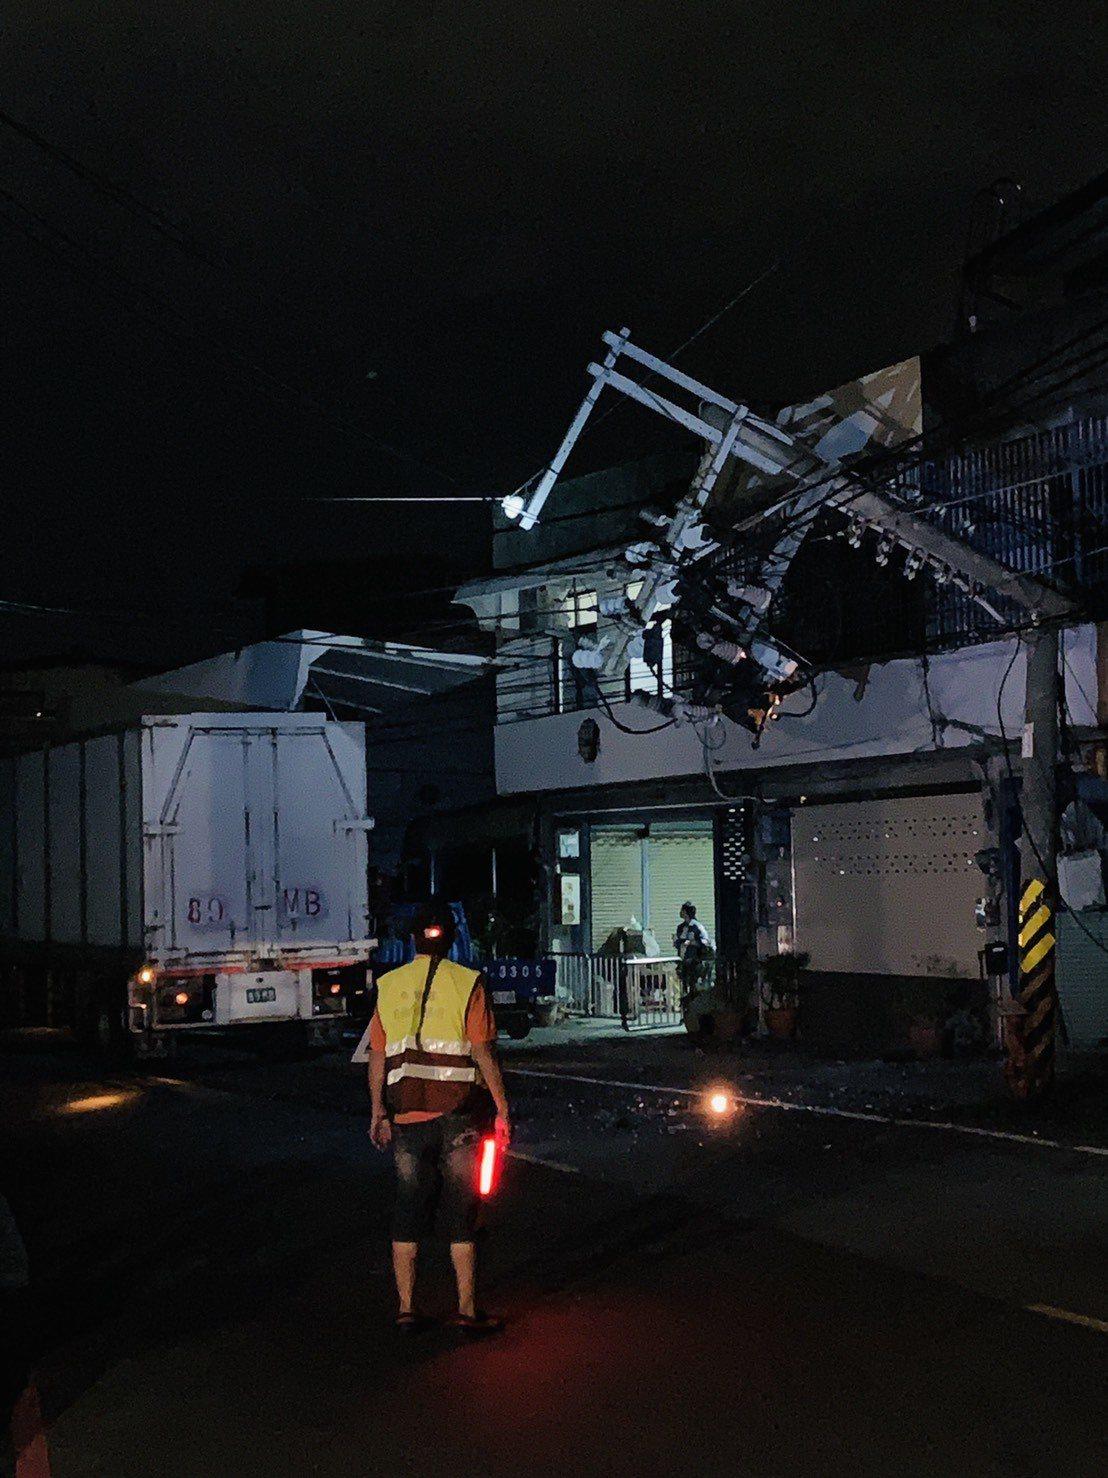 新竹縣芎林鄉文山路上縣農會前驚傳電線桿被大貨車撞斷,導致文山路以及竹22線大停電...